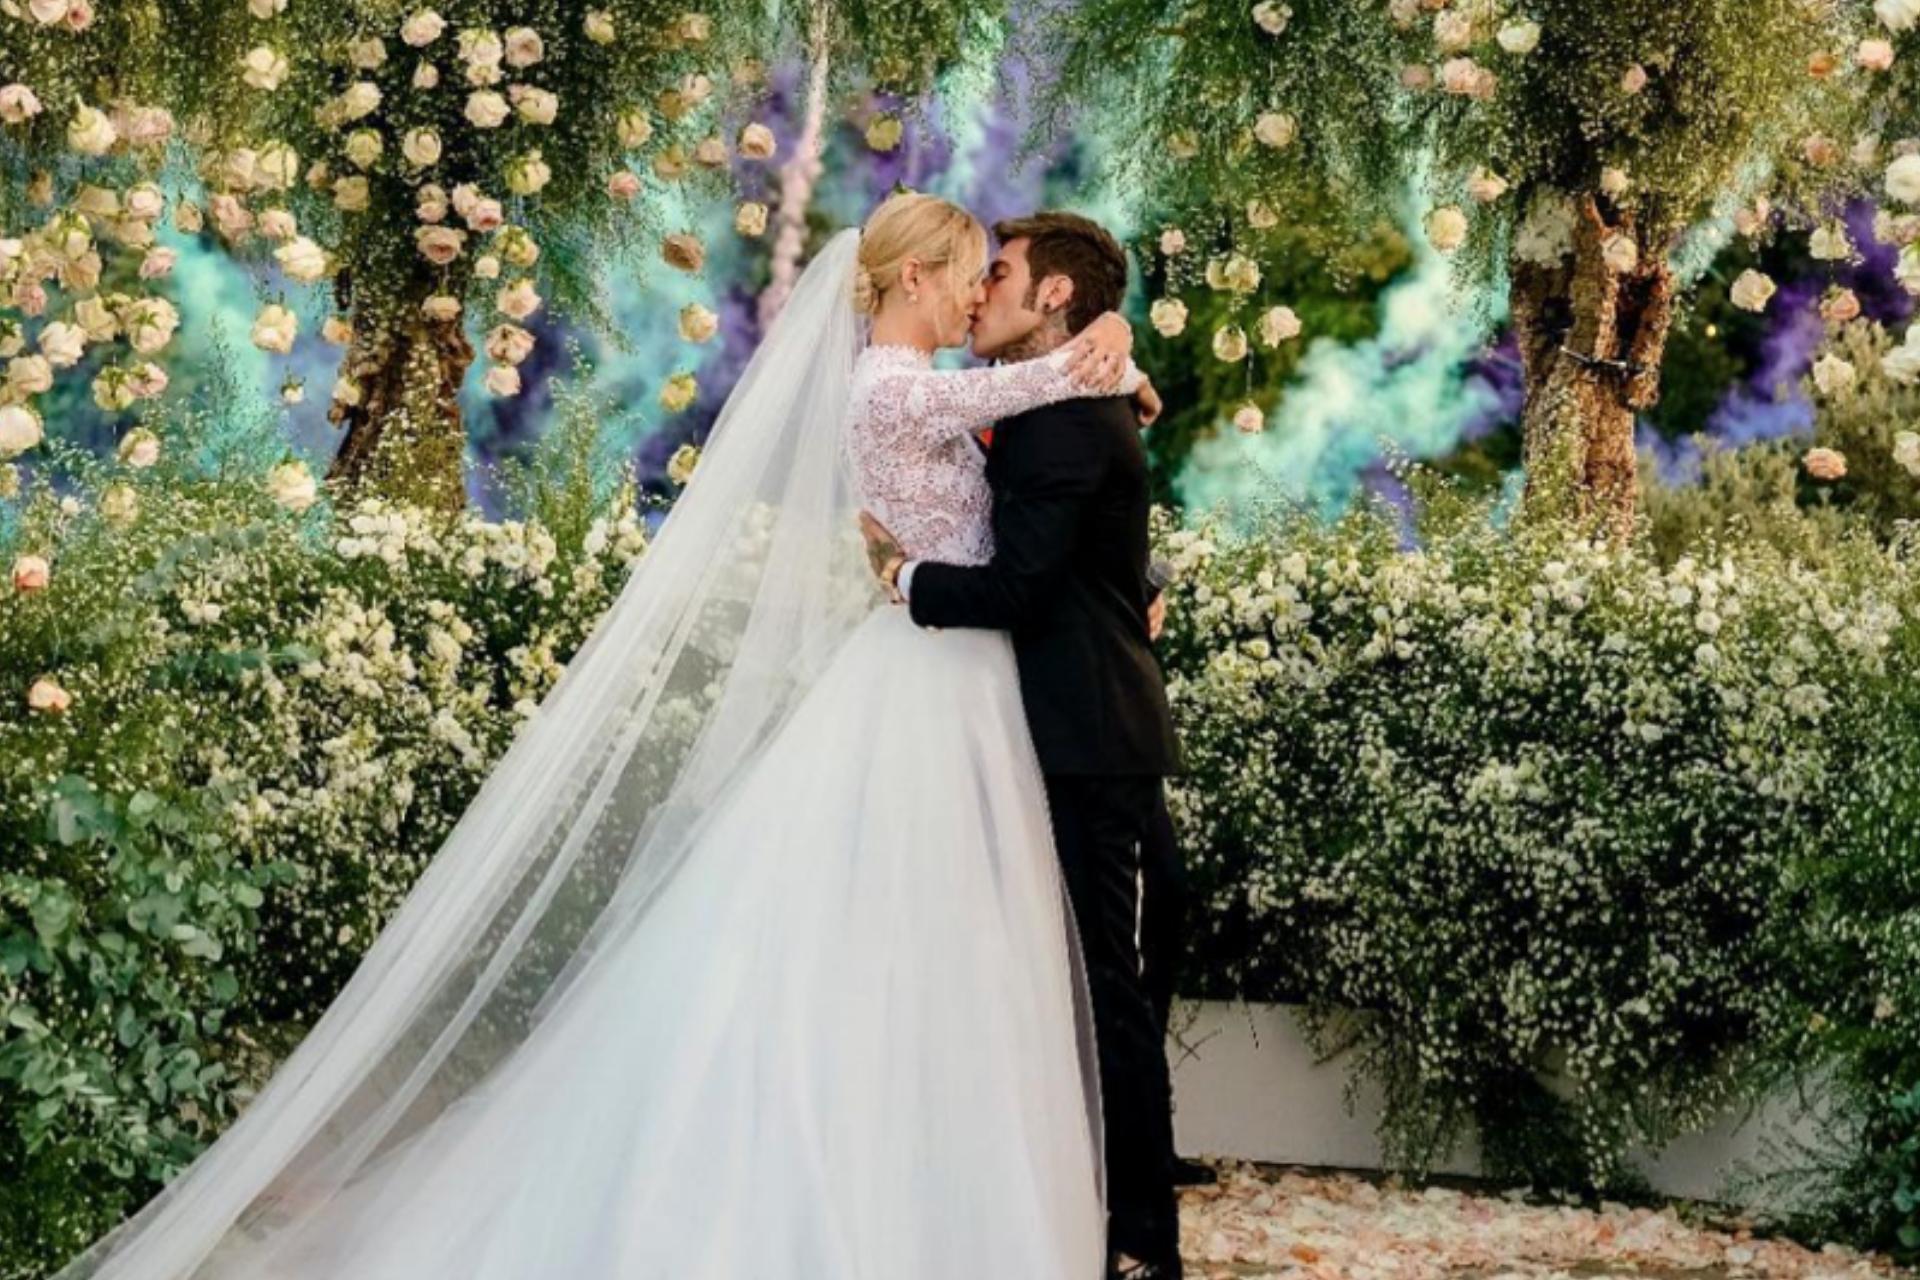 Matrimonio In Fotografia : The ferragnez: tutta la musica del matrimonio made in sicily